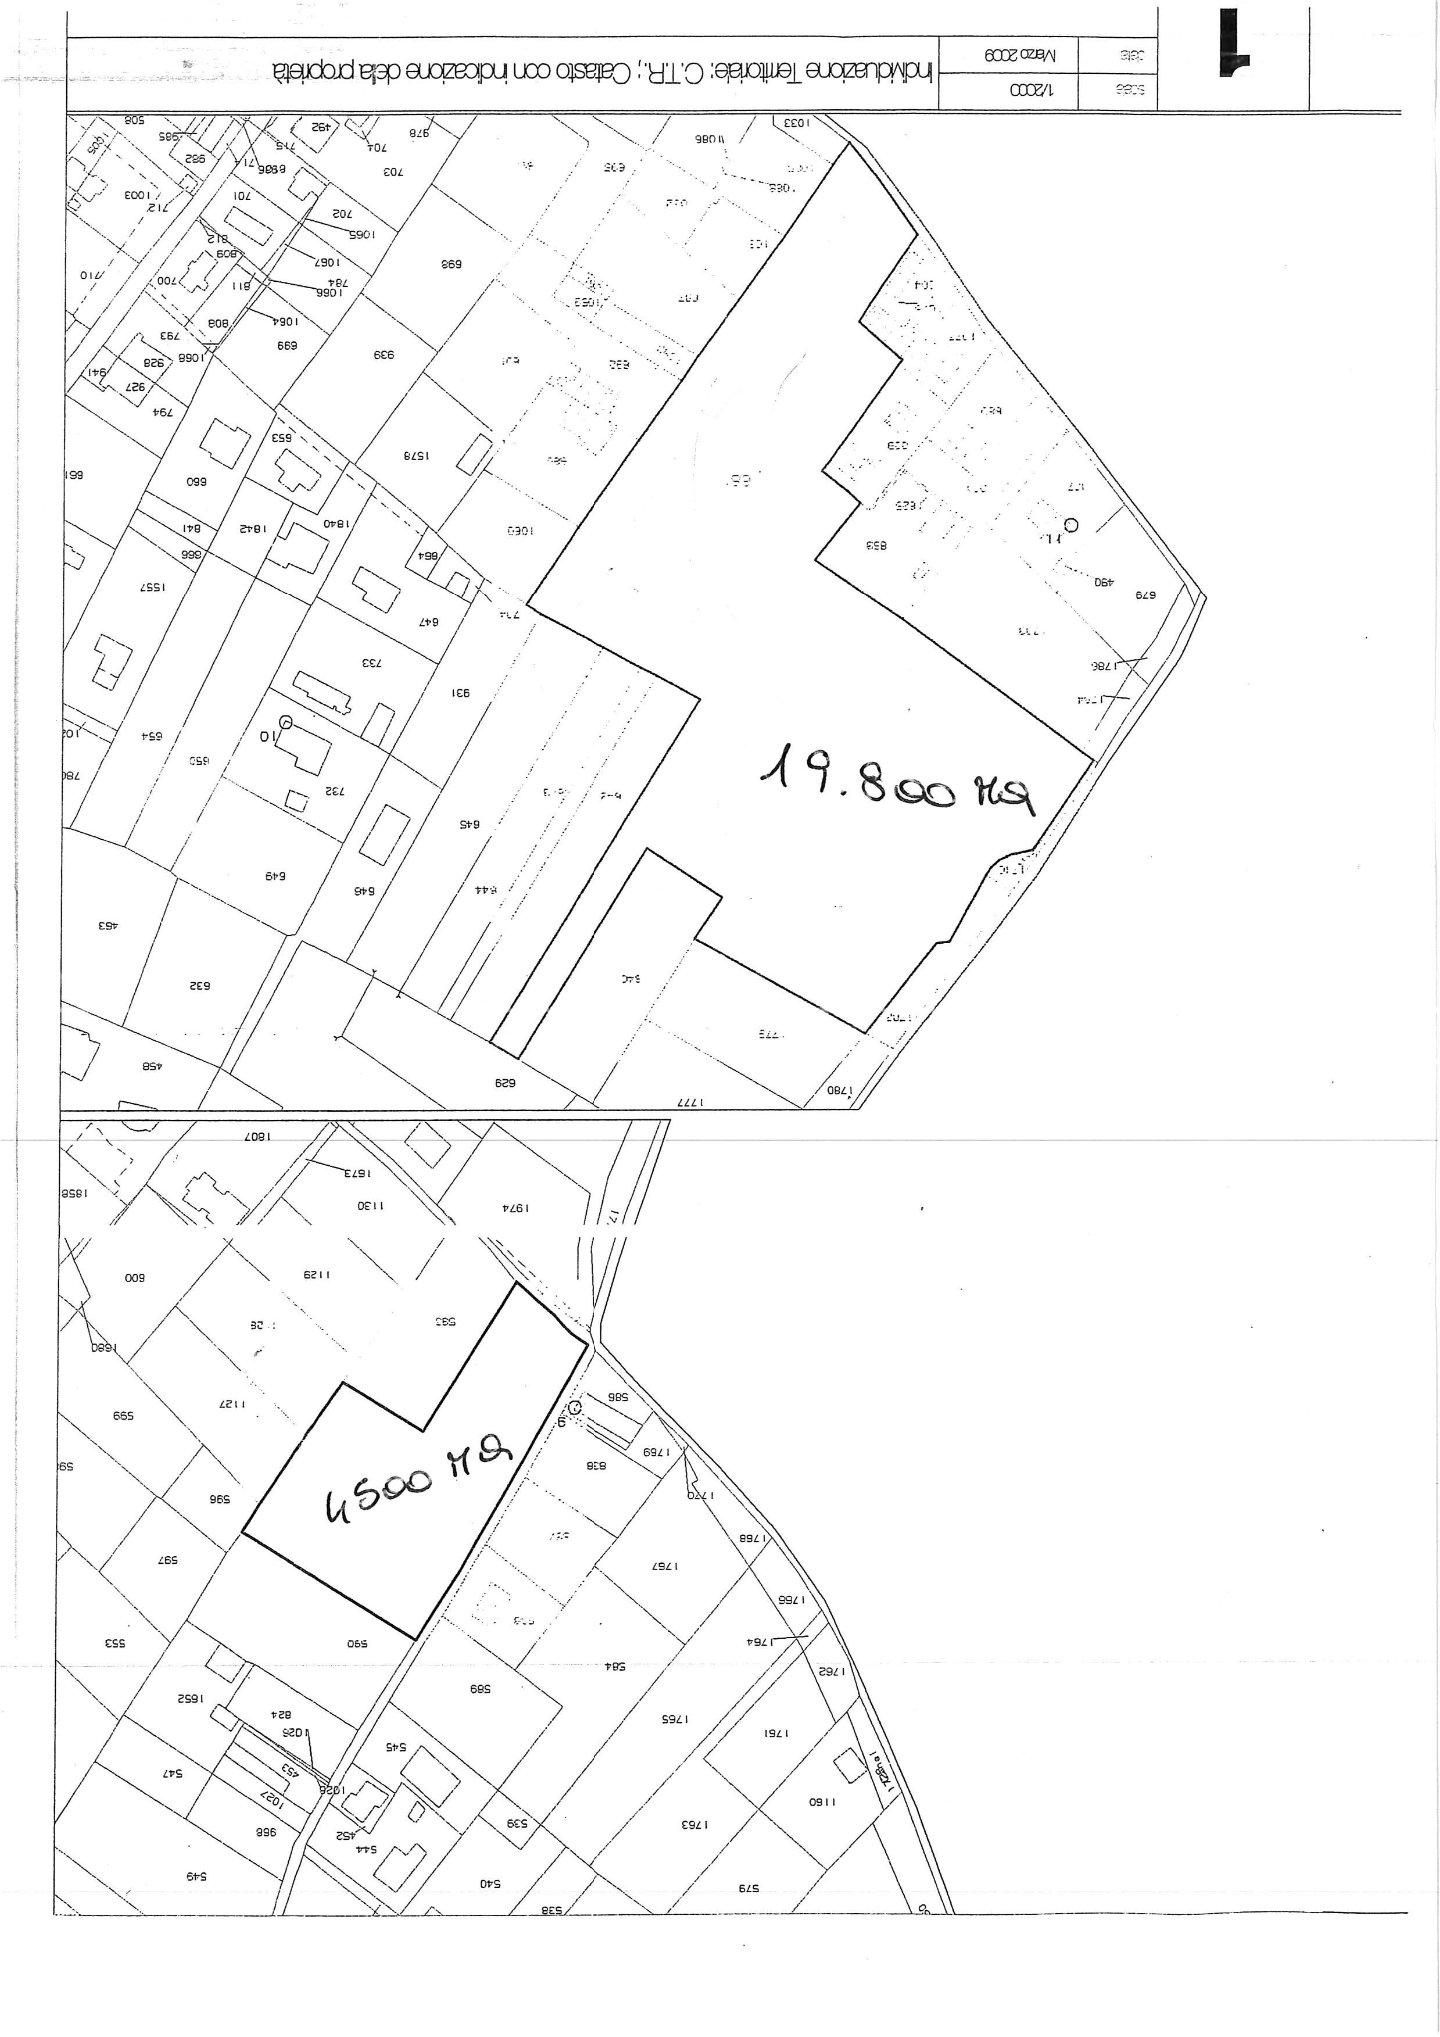 Terreno edif. residenziale in vendita a Cervaiolo, Montignoso (MS)